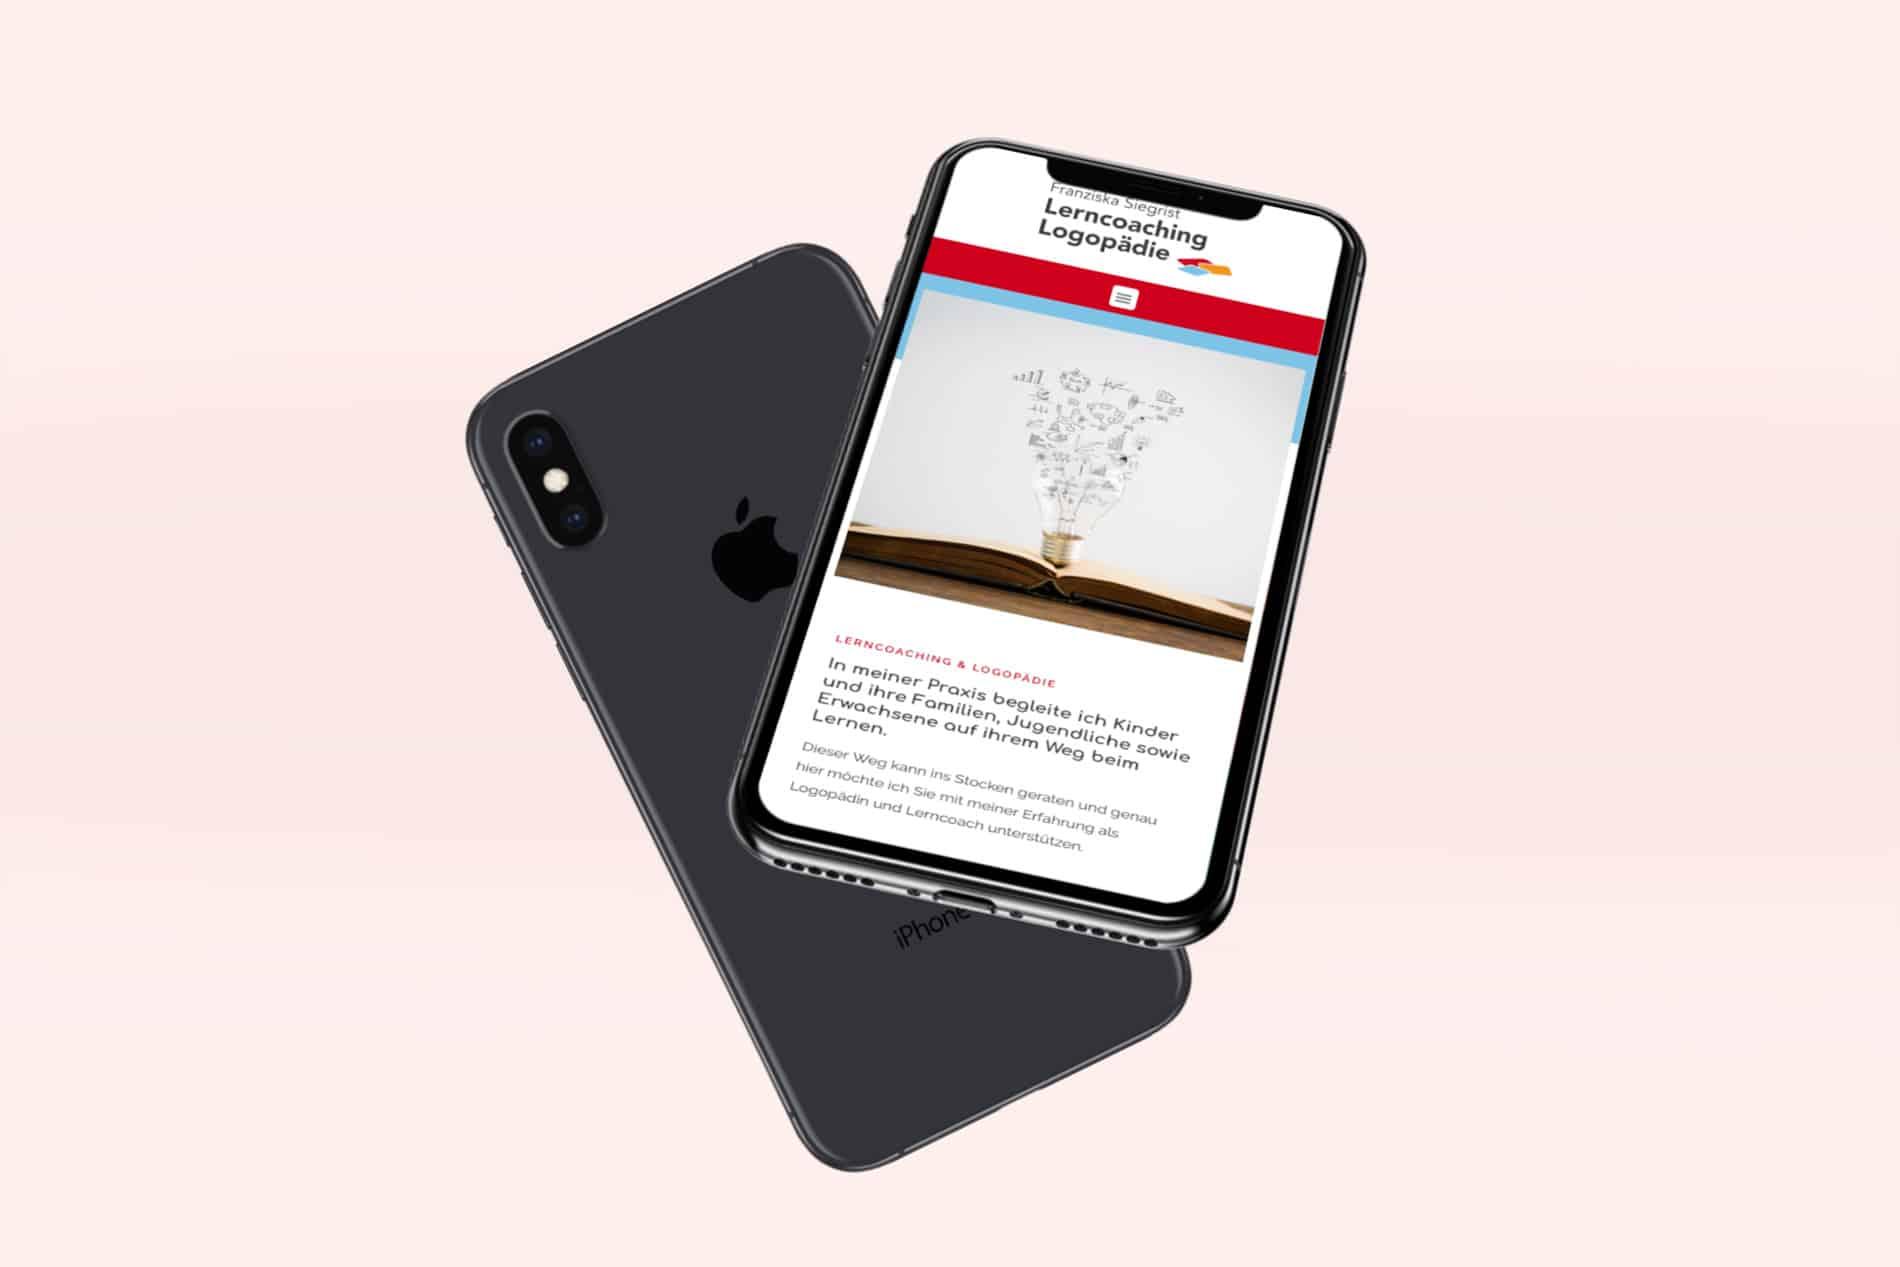 hilledesign-portfolio-webdesign-franziskasiegrist-mobile